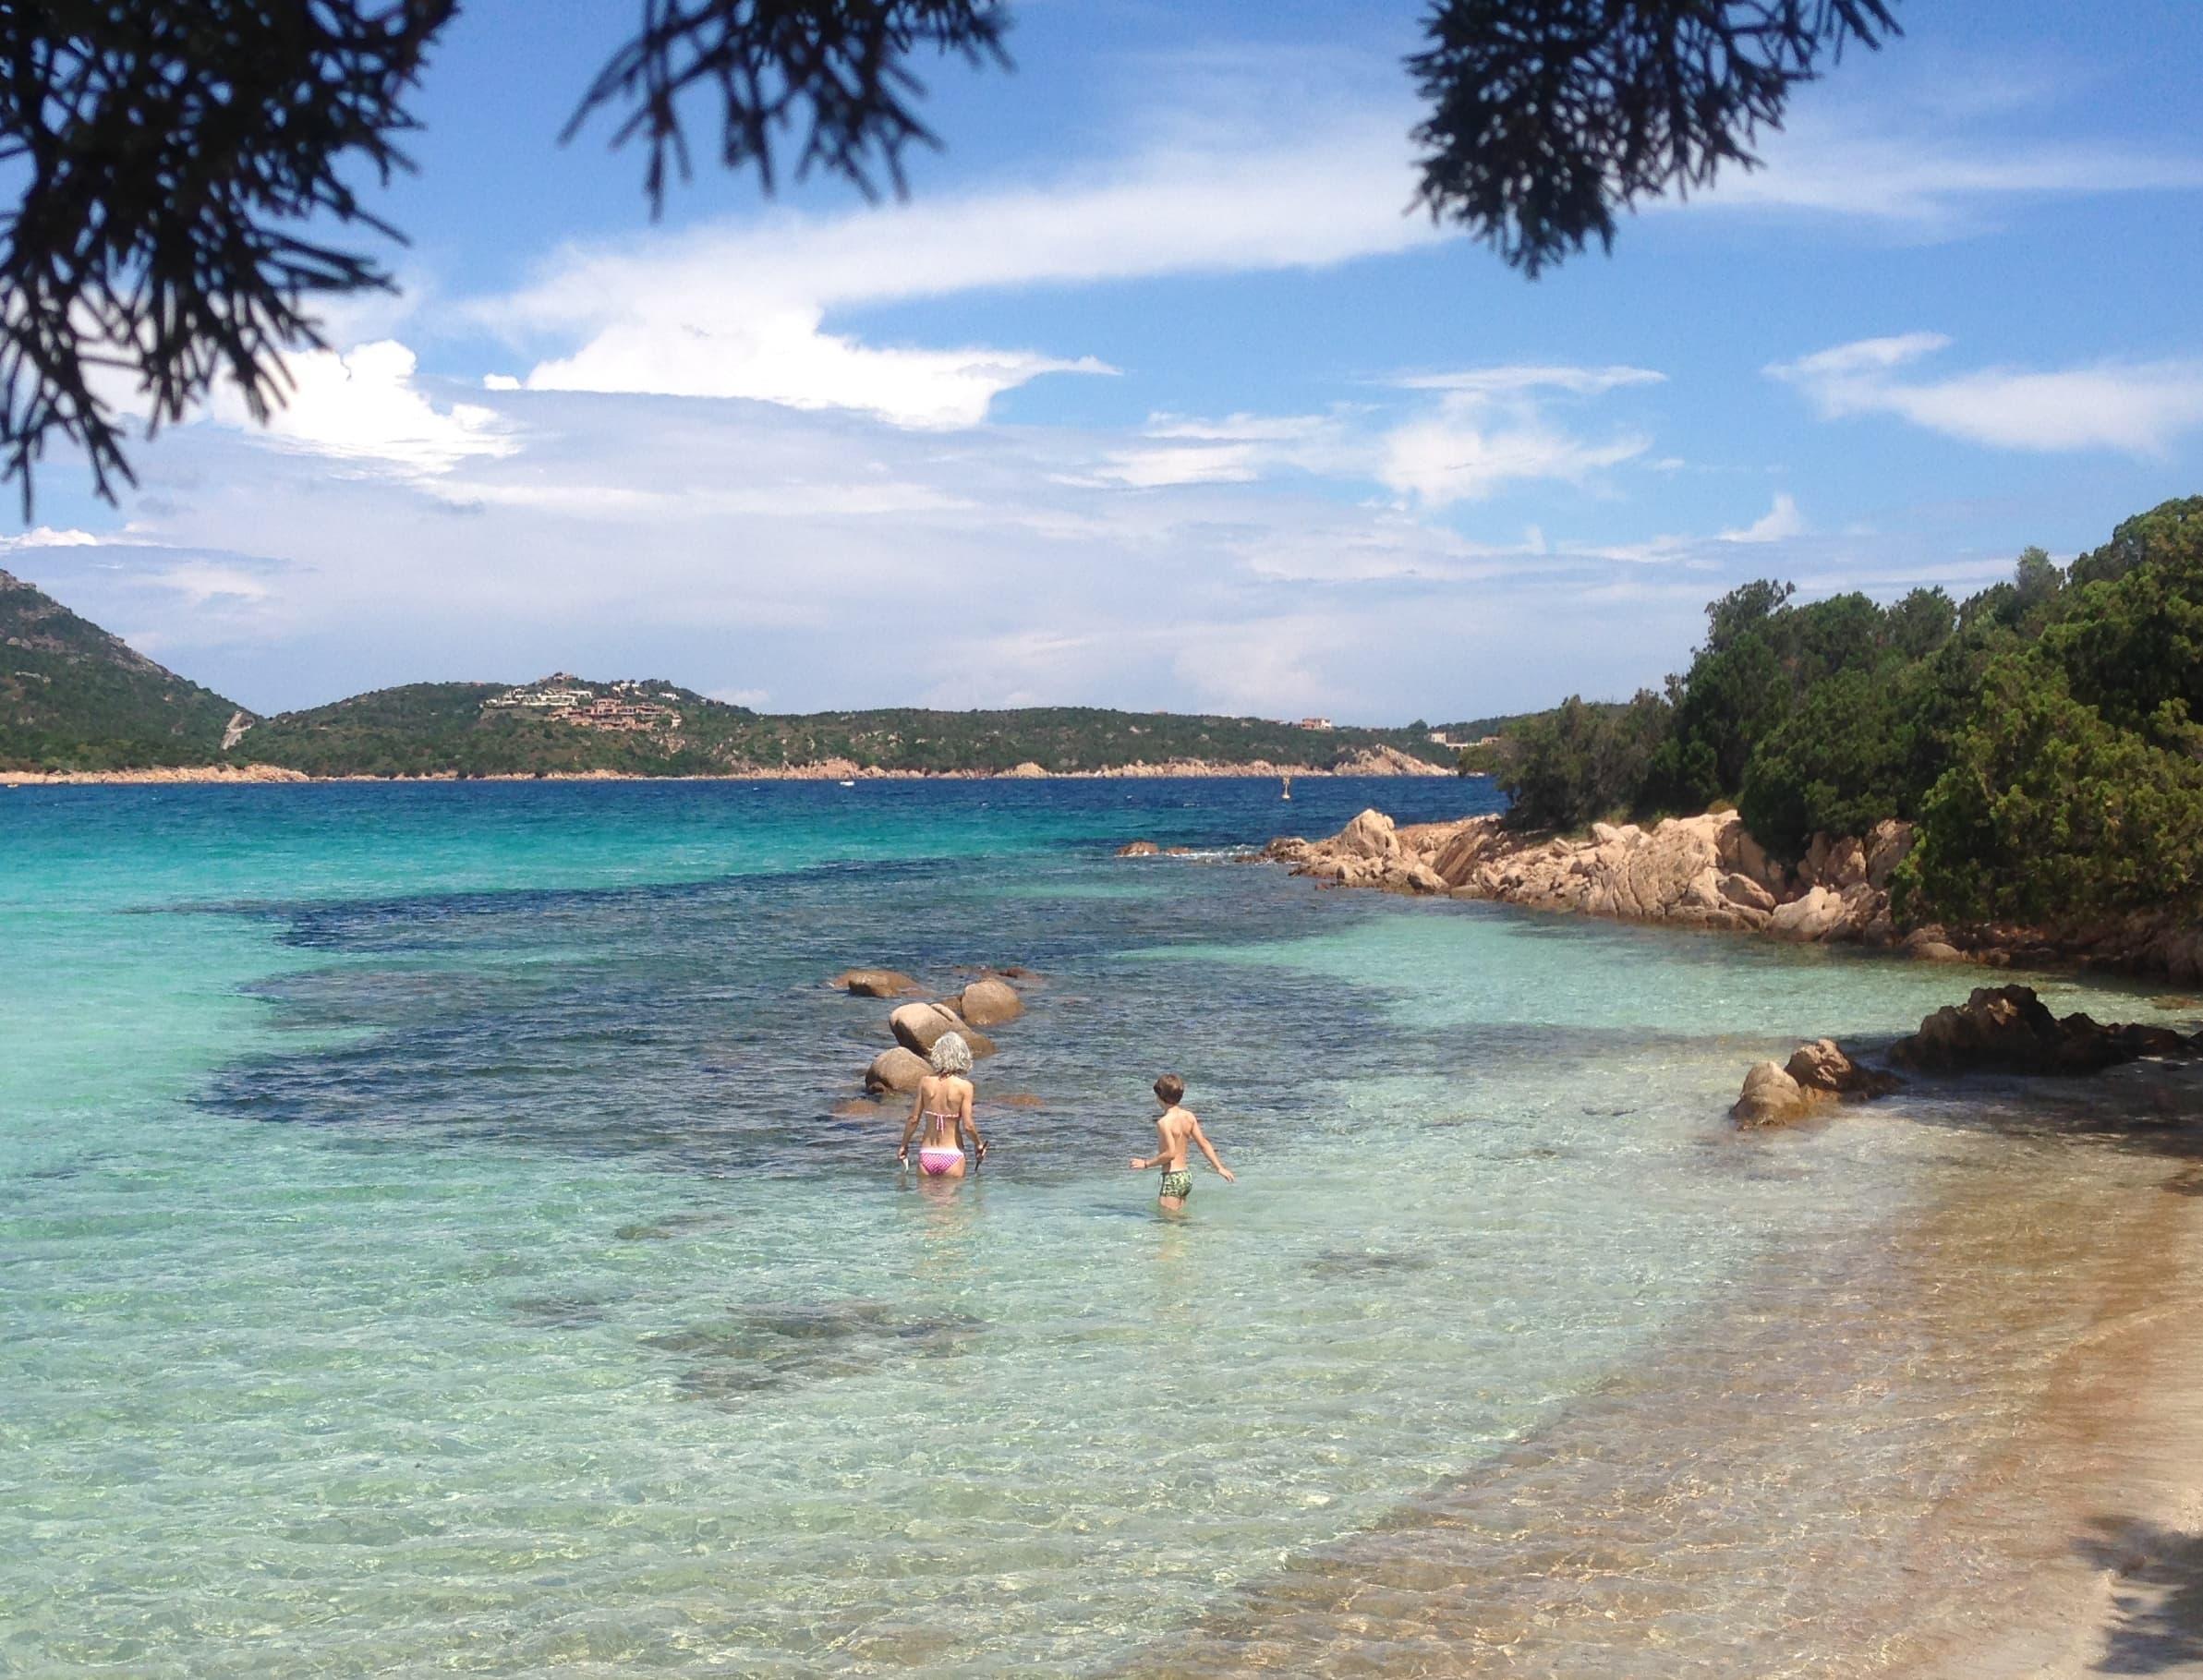 nude pastebin island nude pastebin island 1-photo7.jpg